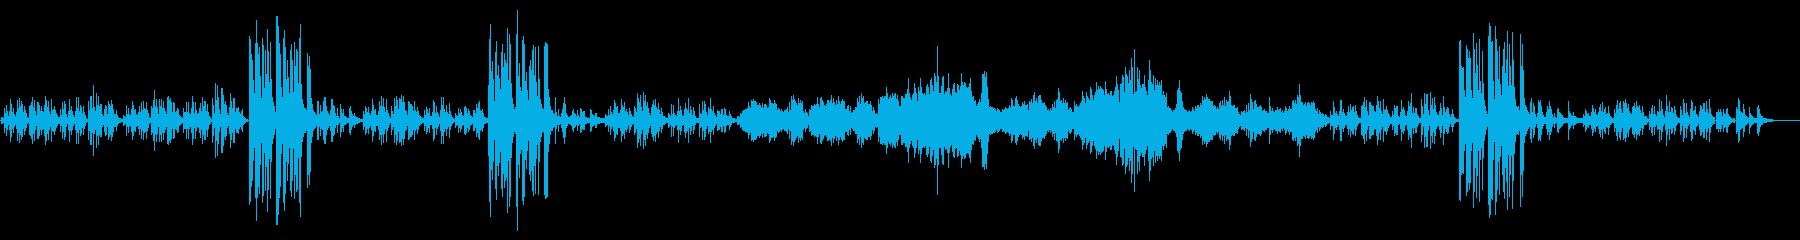 フランツ・シューベルトの解釈ピアノソロ。の再生済みの波形